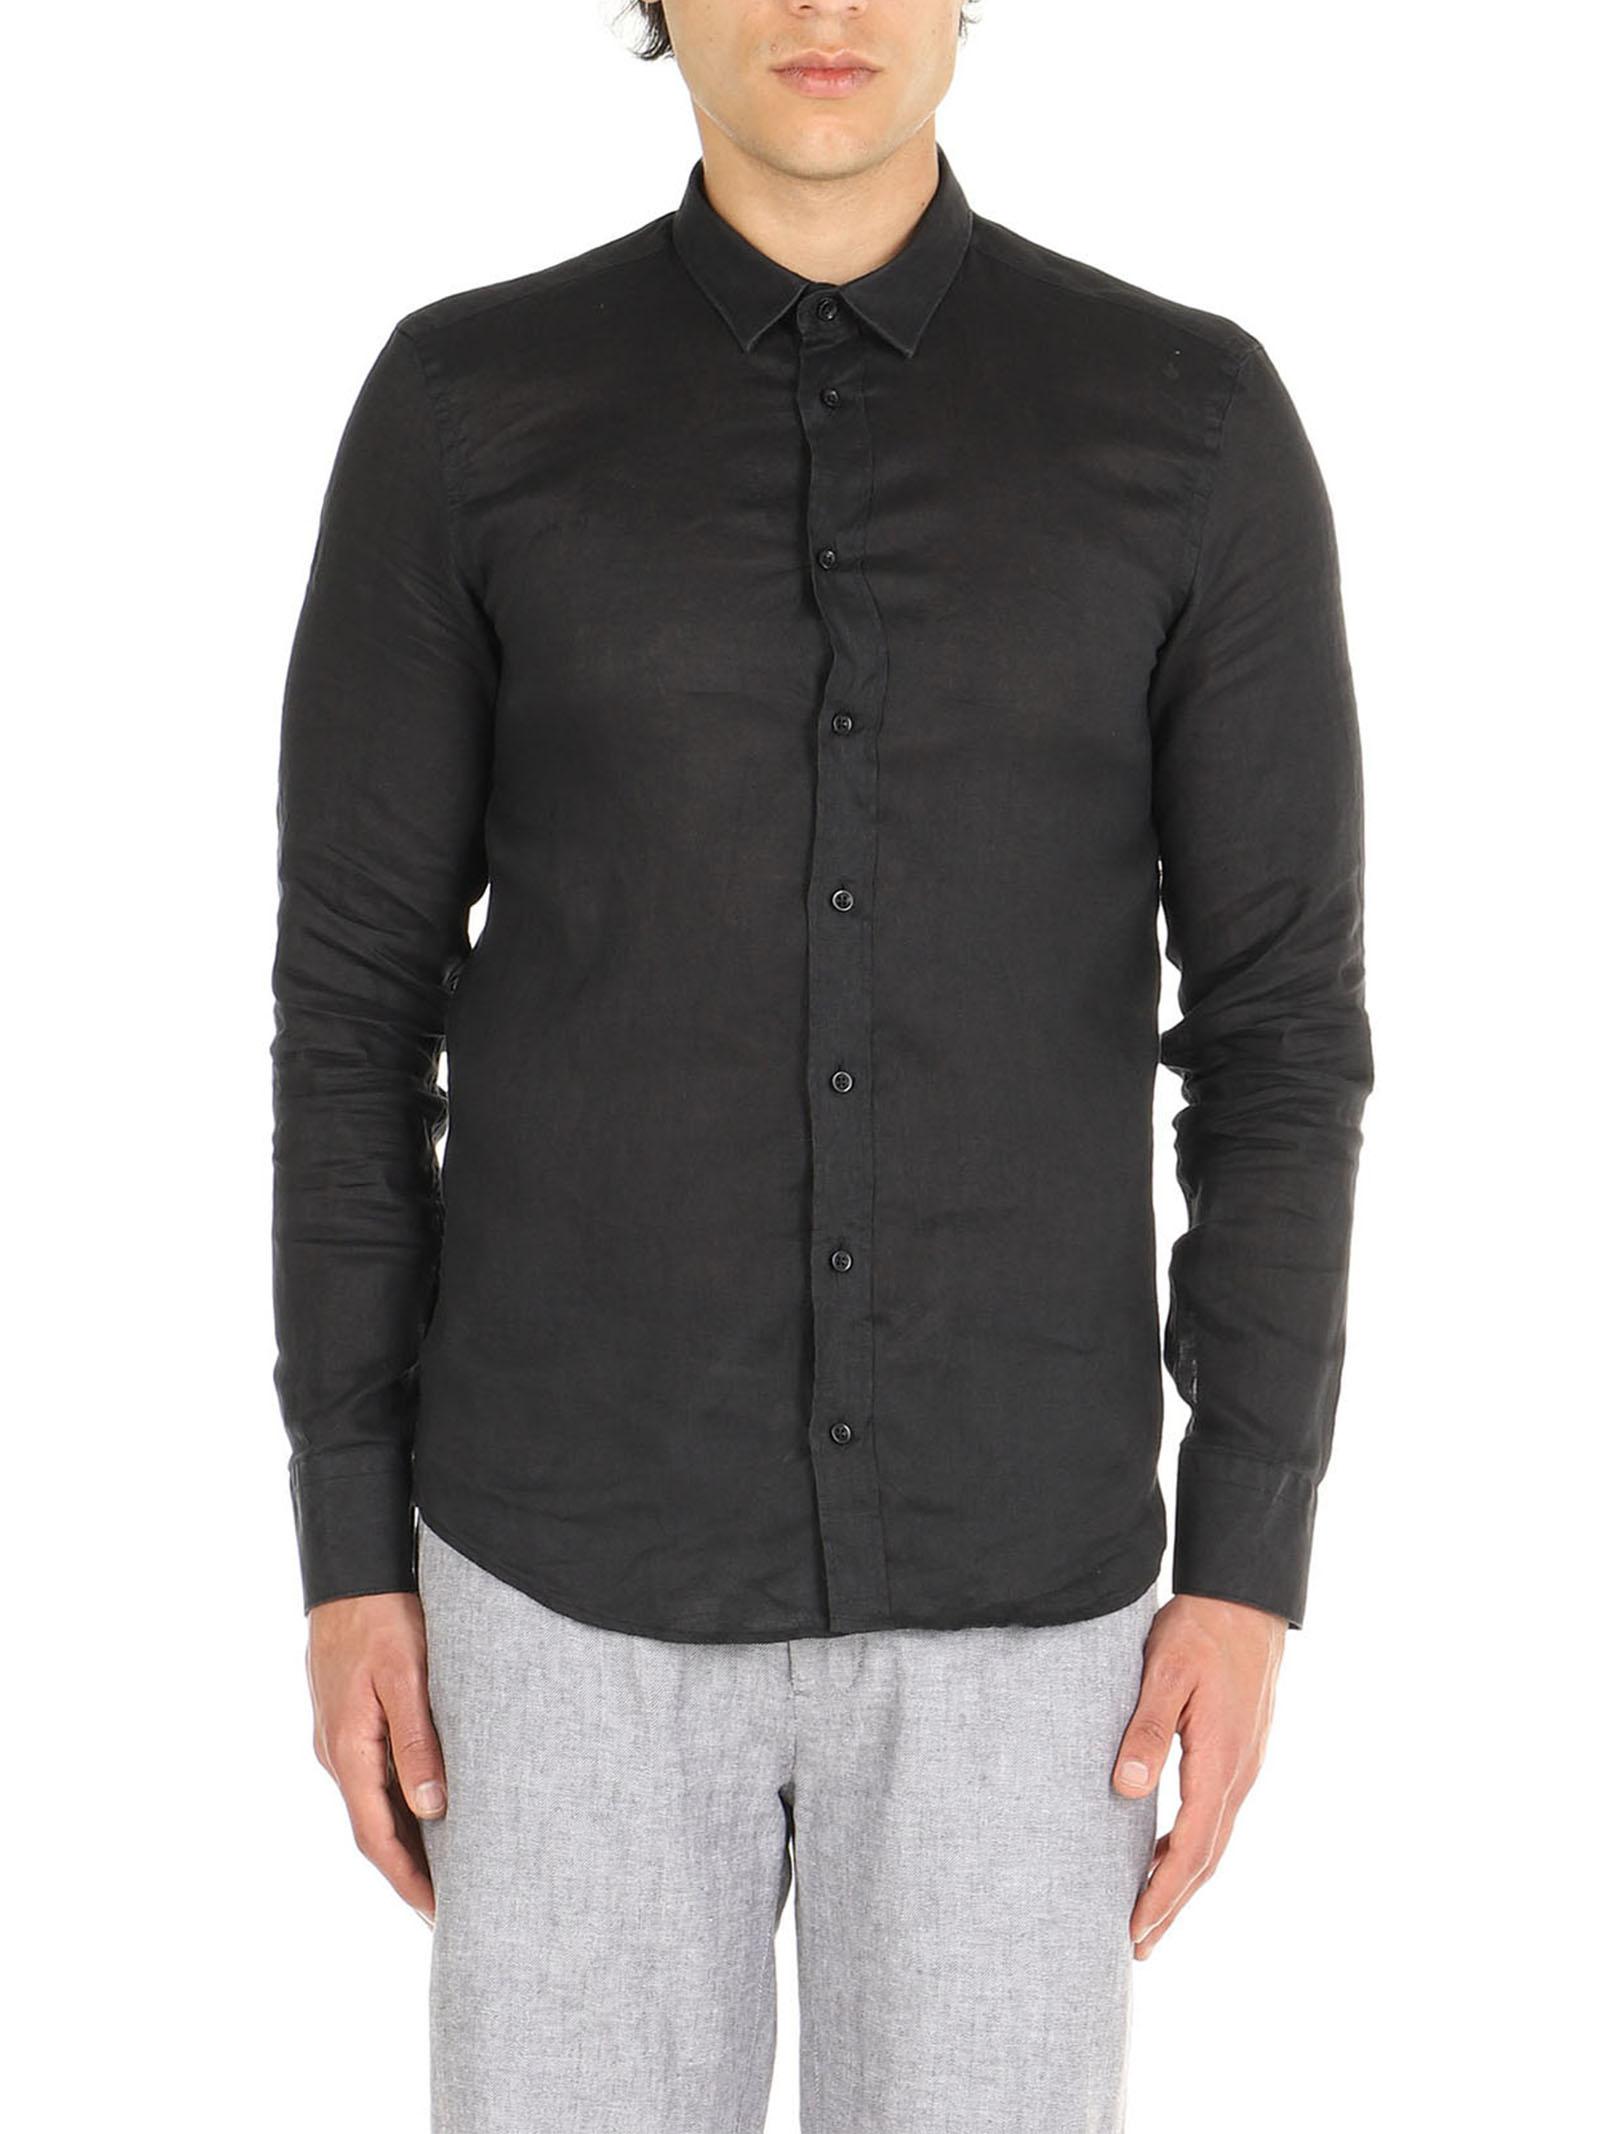 Camicia nero di lino maniche lunghe De Lamp | Camicie  | DL21 3000DXNERO